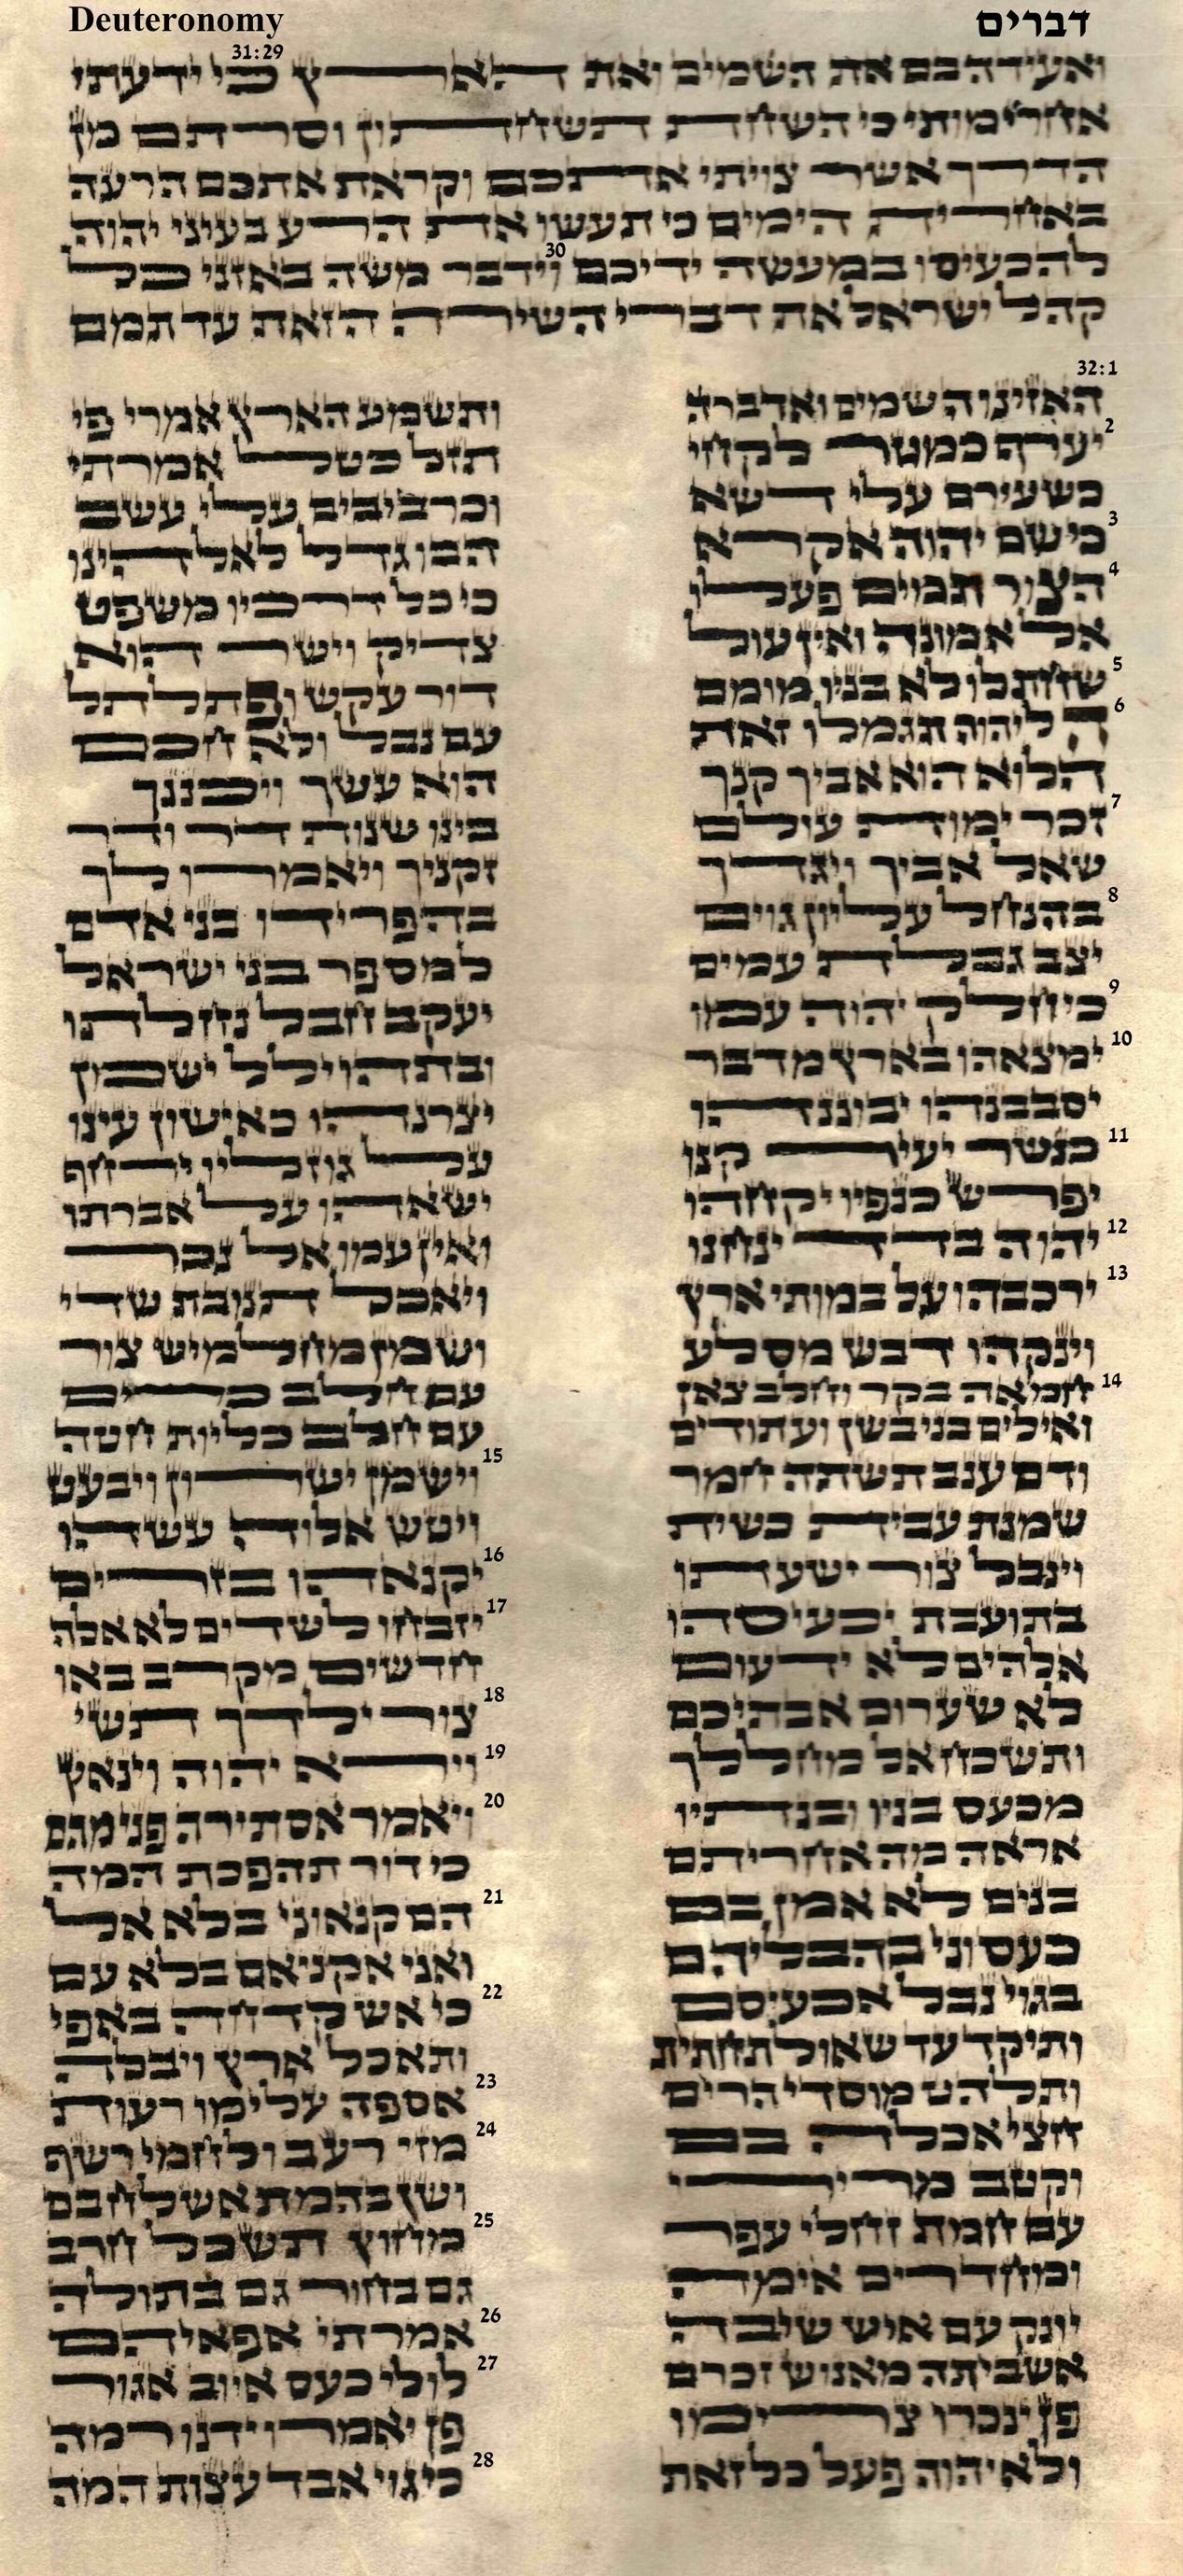 Deuteronomy 31.29 - 32.28